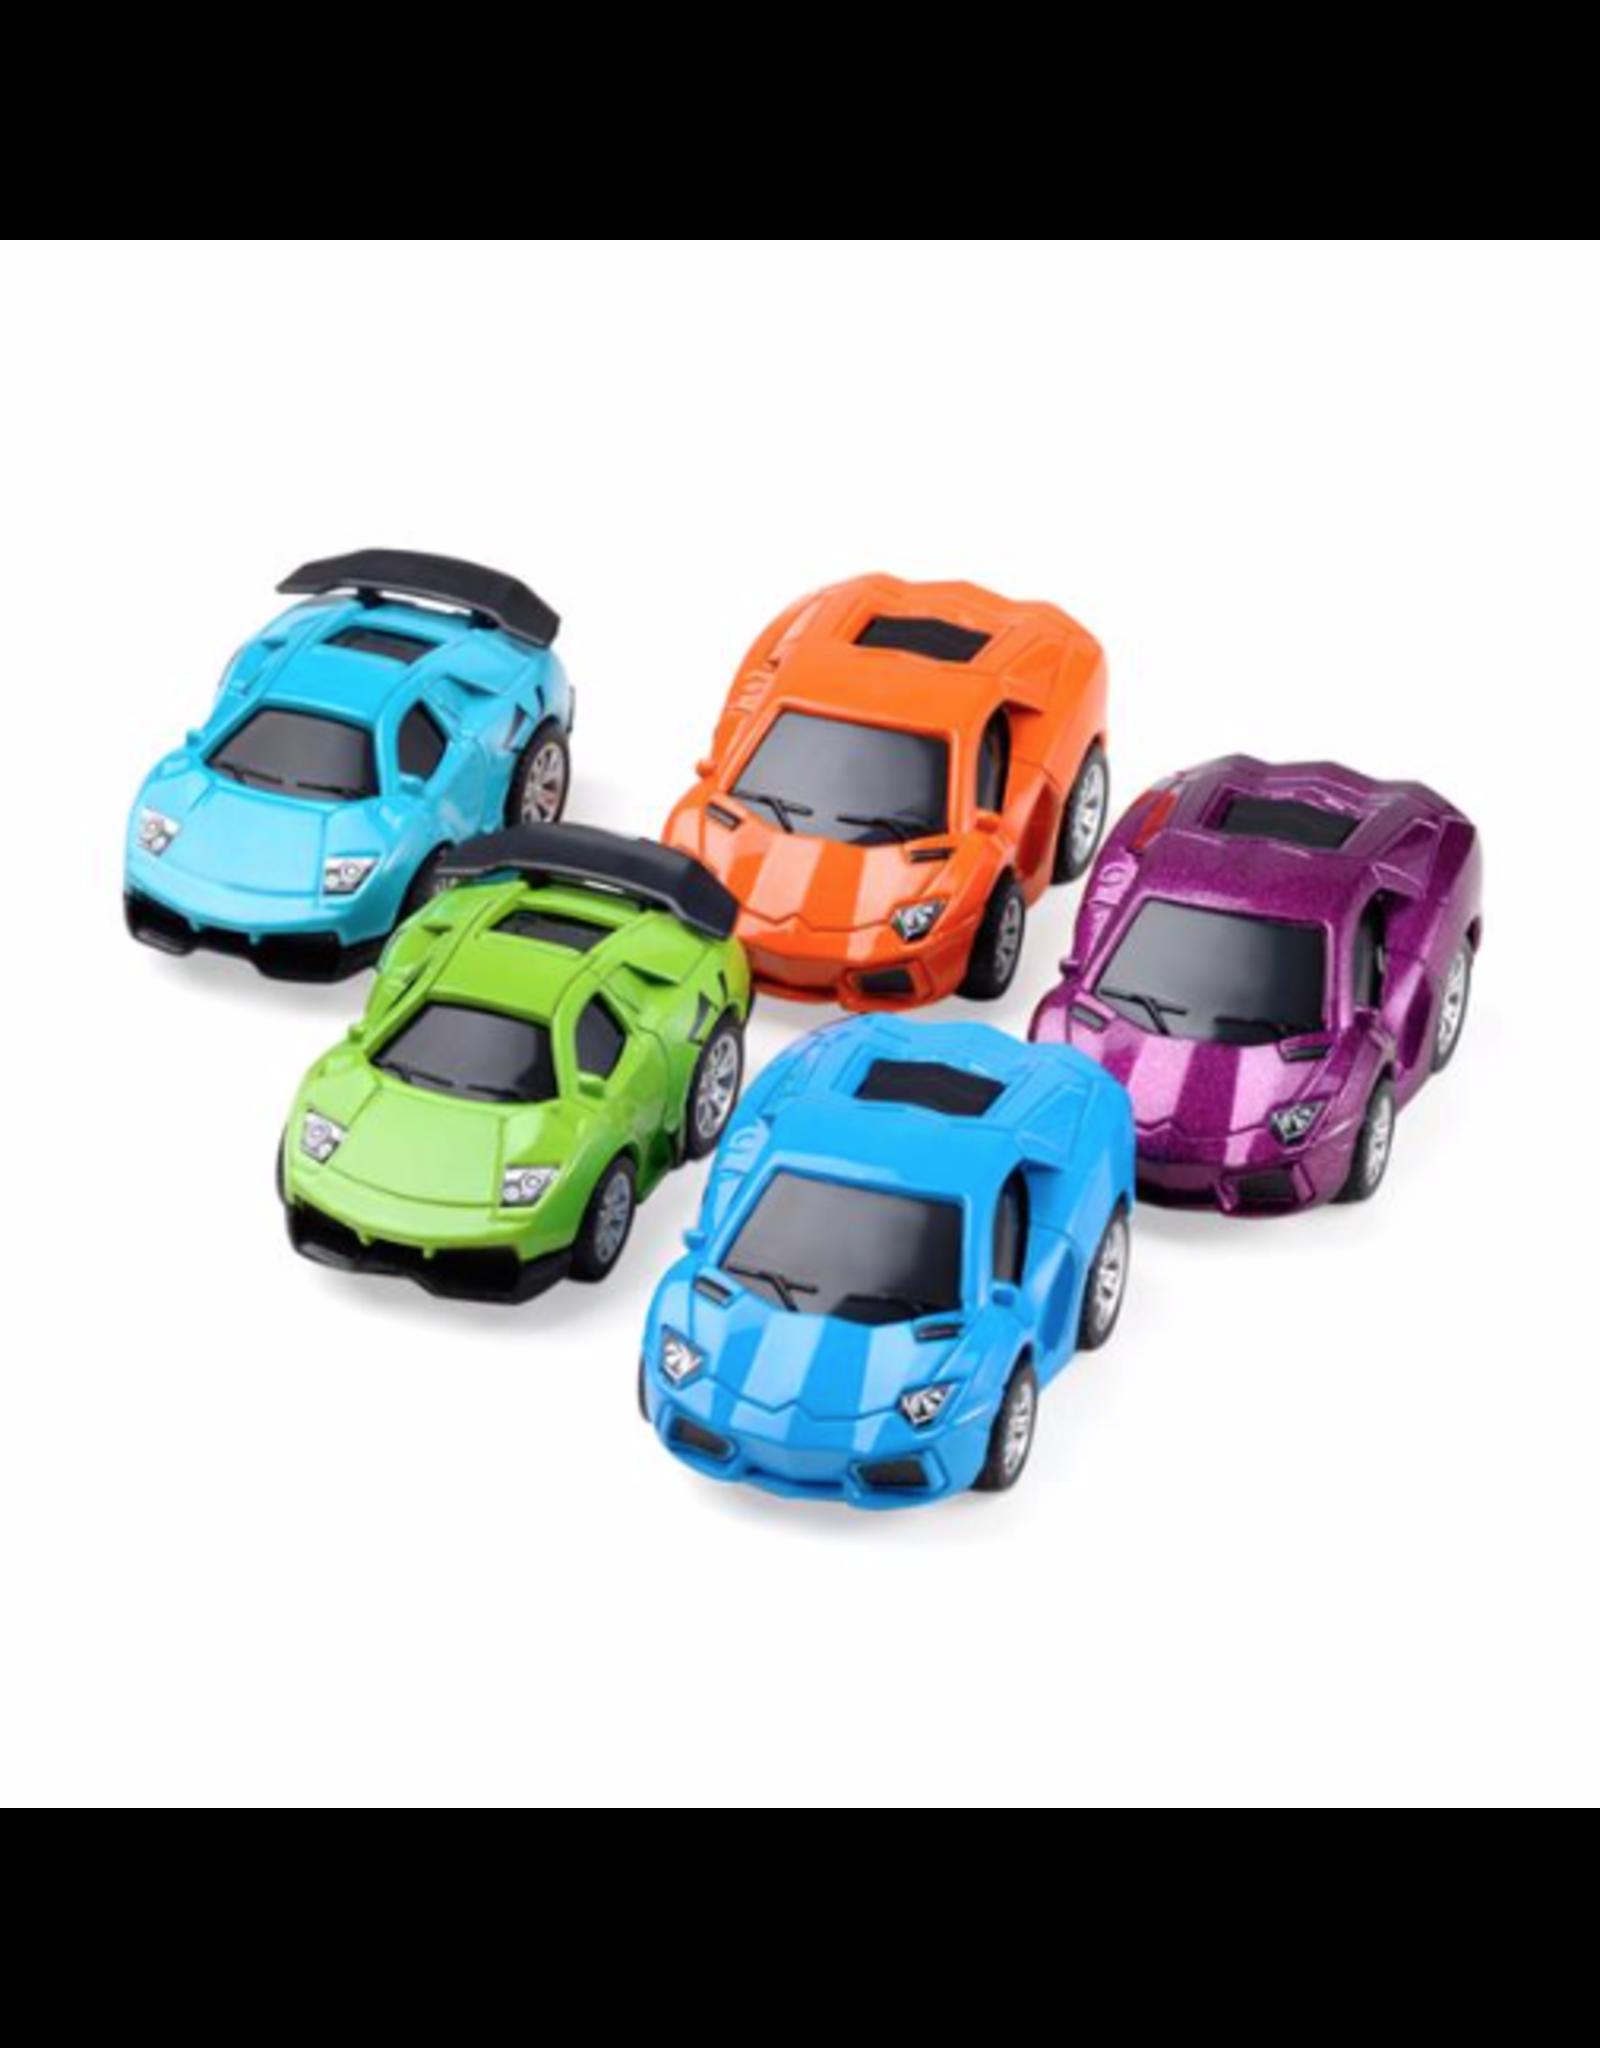 Playwell Diecast Pull Back Mini Car